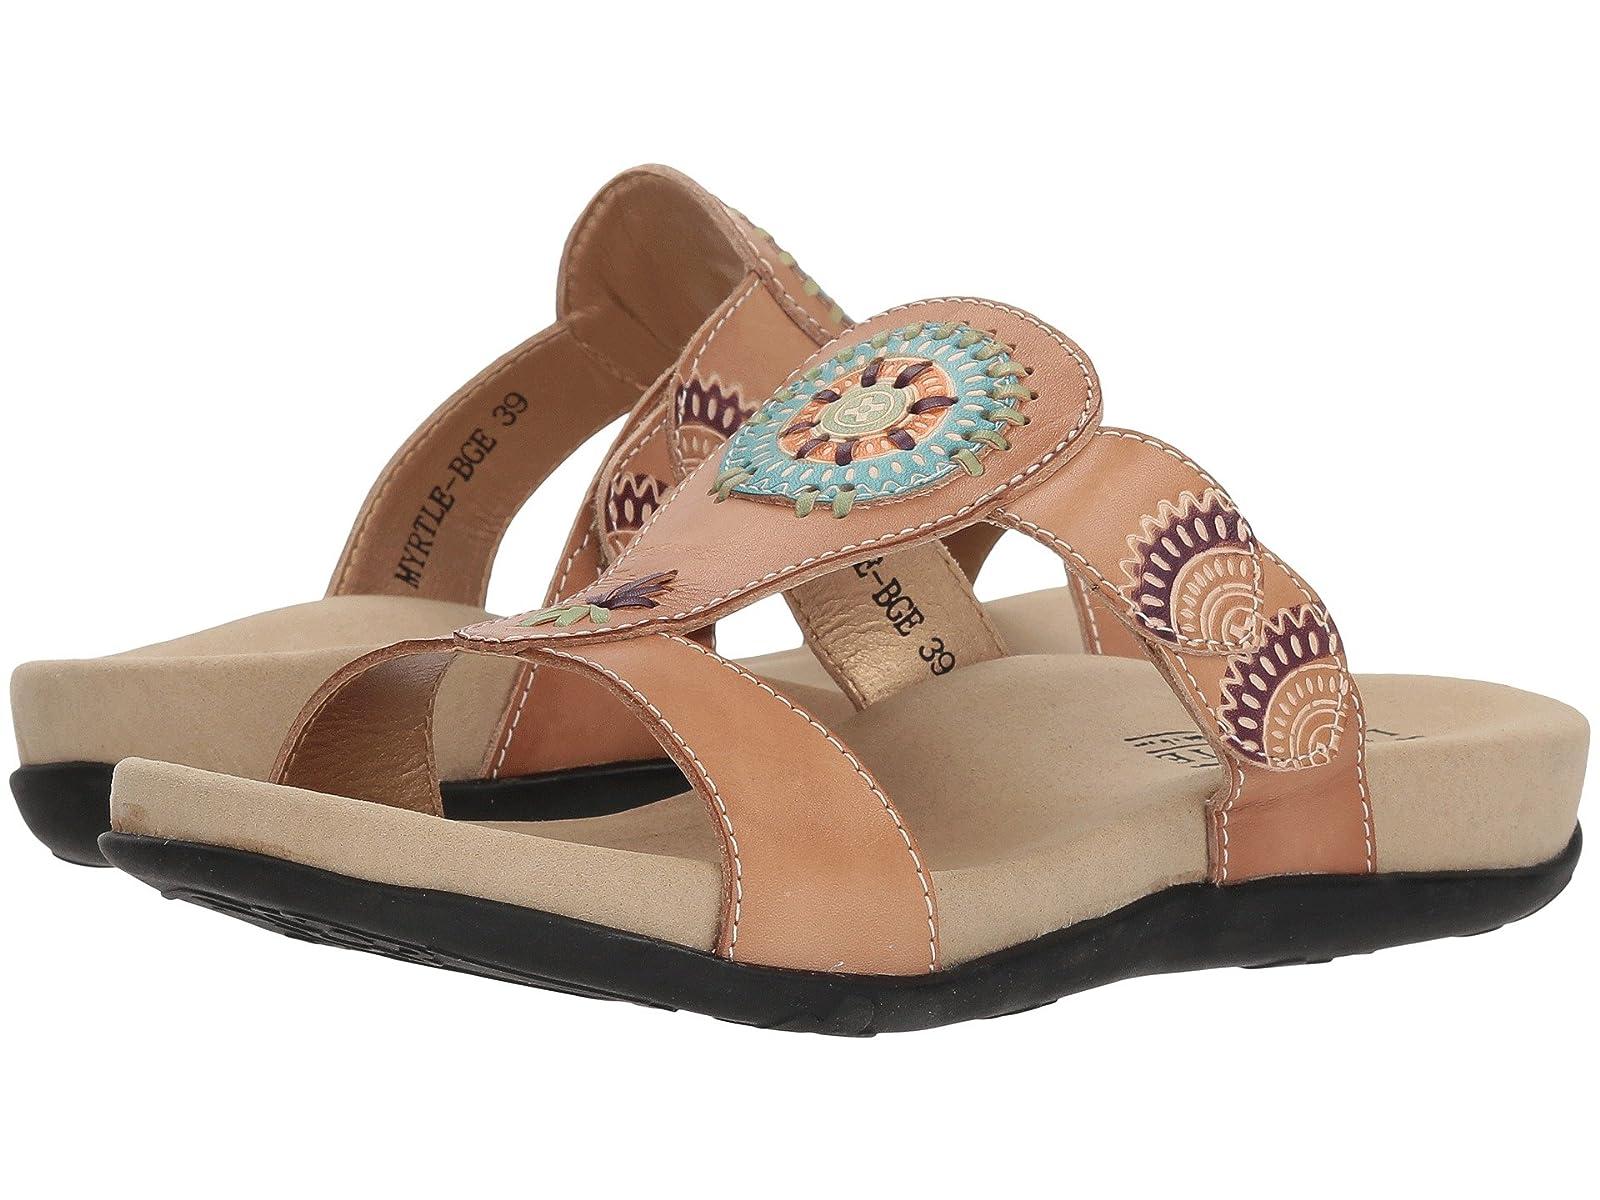 L'Artiste by Spring Step MyrtleAtmospheric grades have affordable shoes